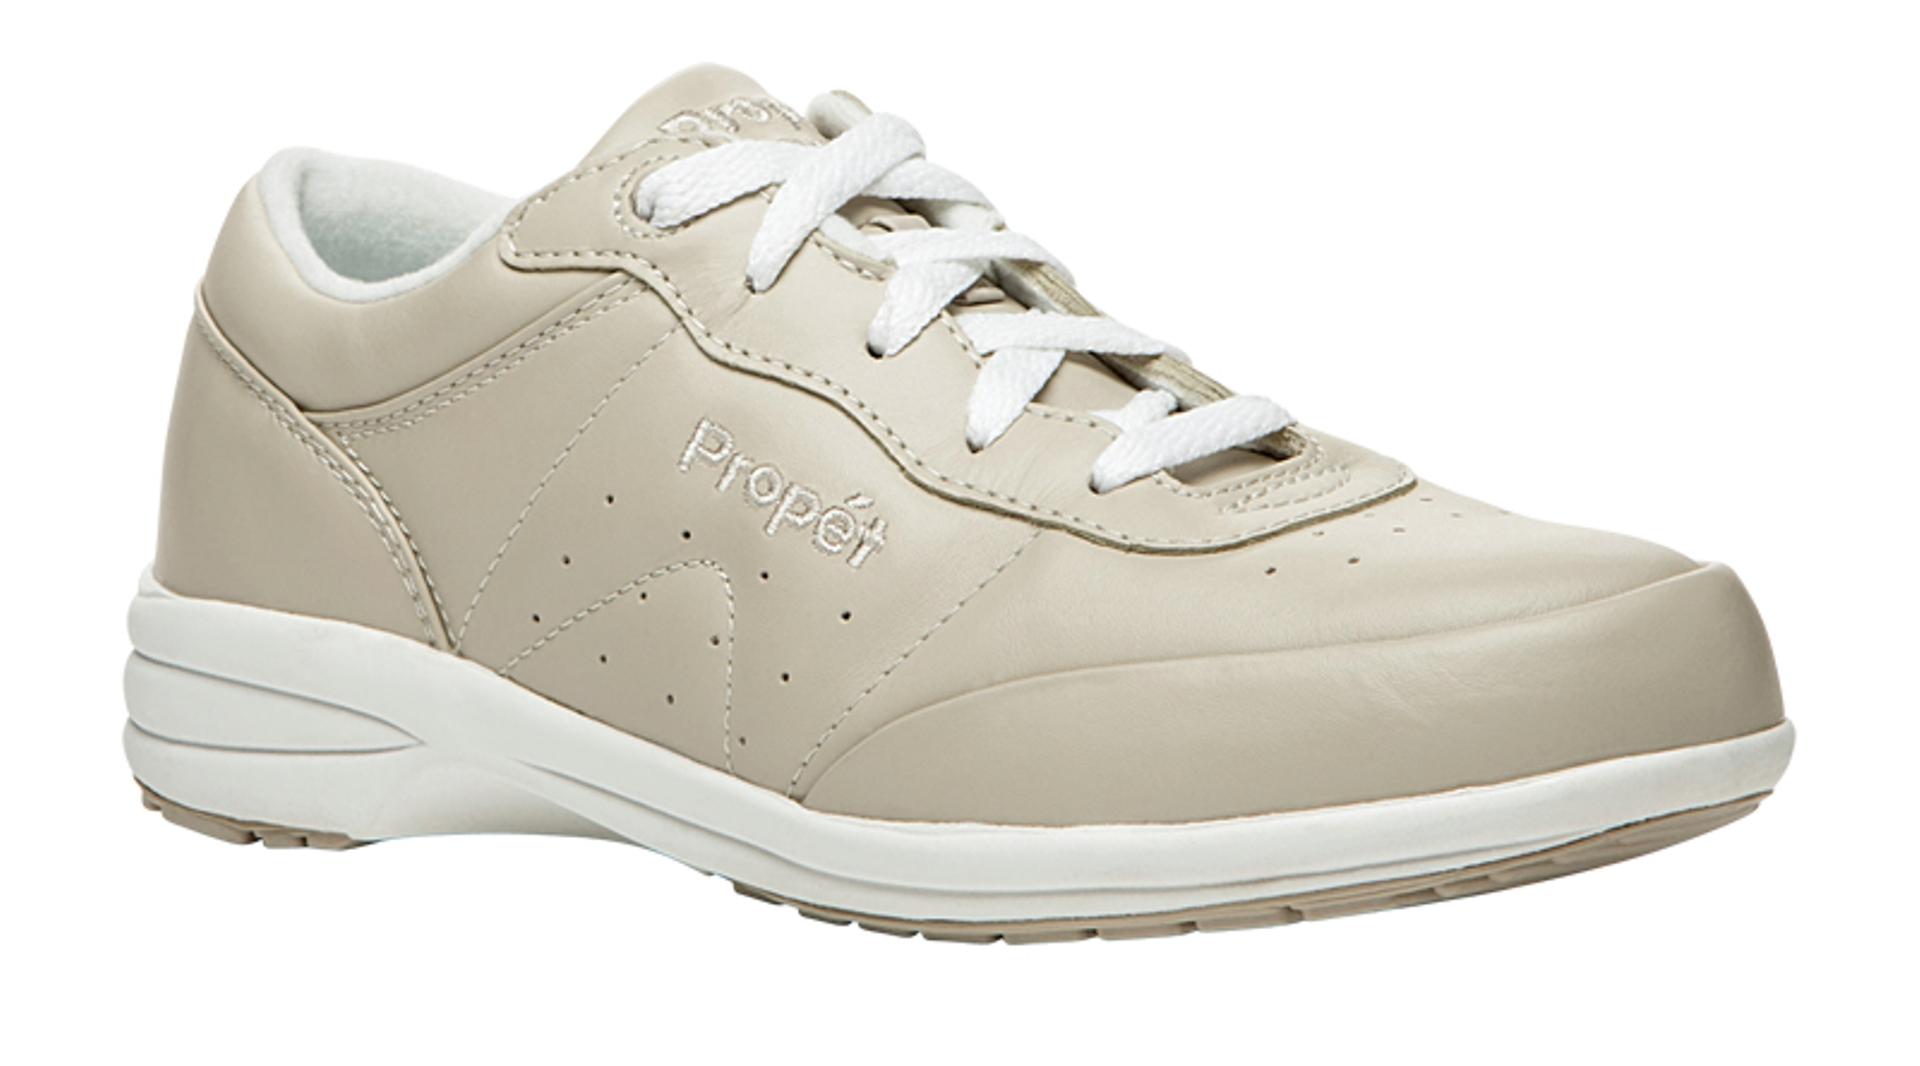 Women's Washable Walker Bone/White Sneaker - Wide Widths Available